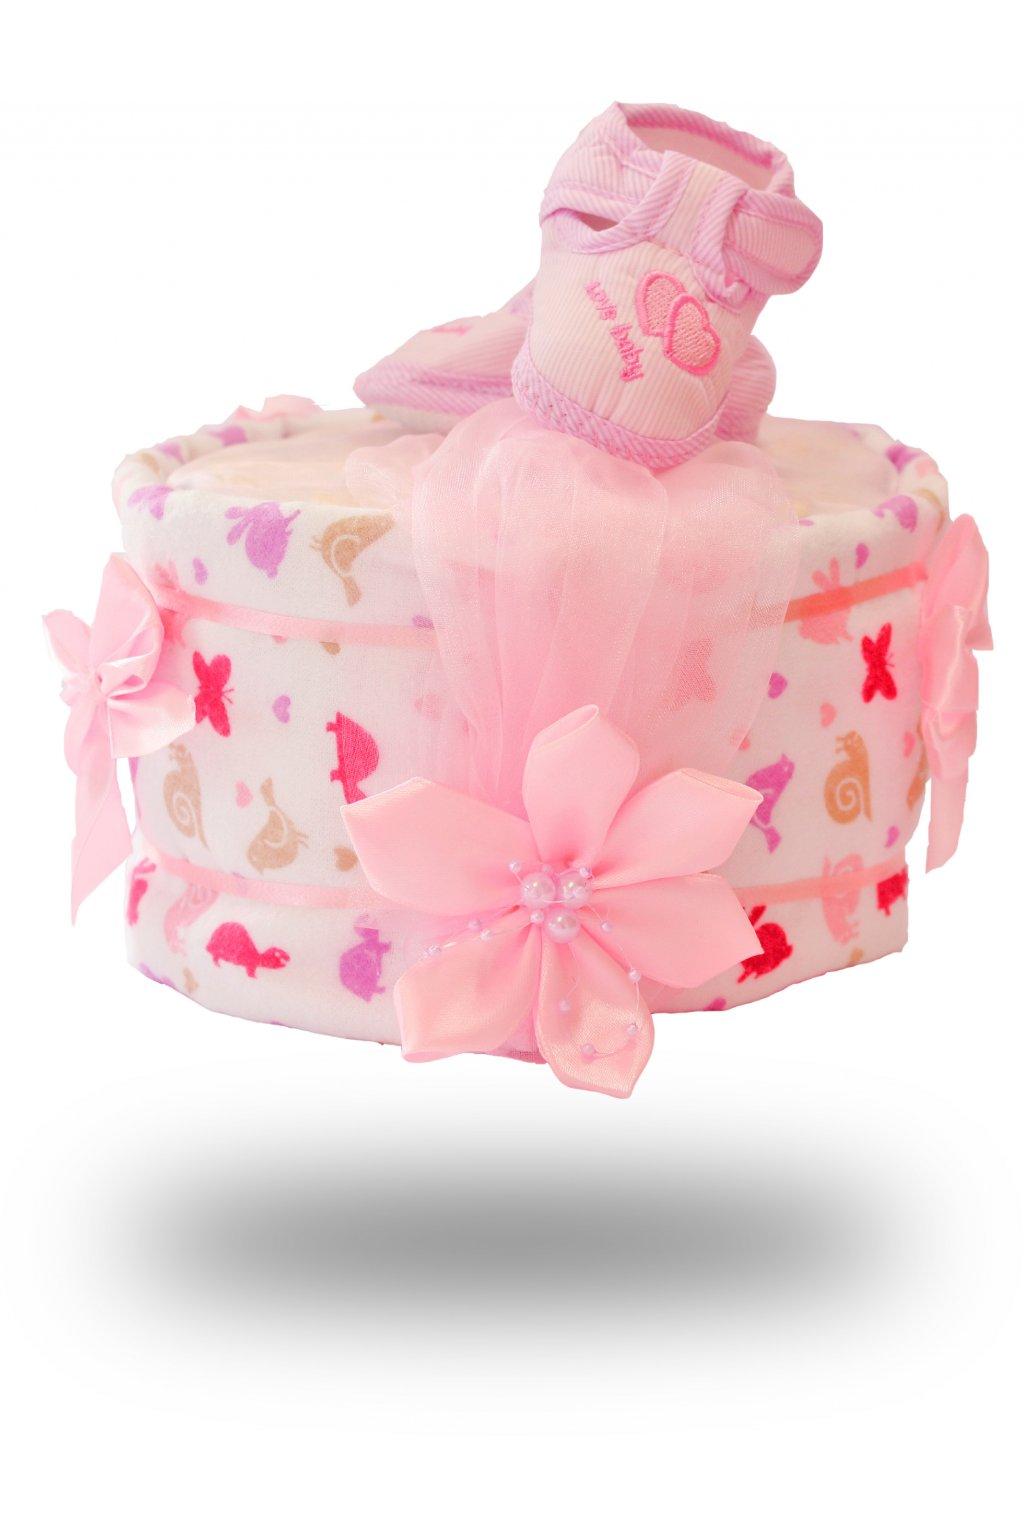 Jednopatrový plenkový dort pro dívky bílo růžový